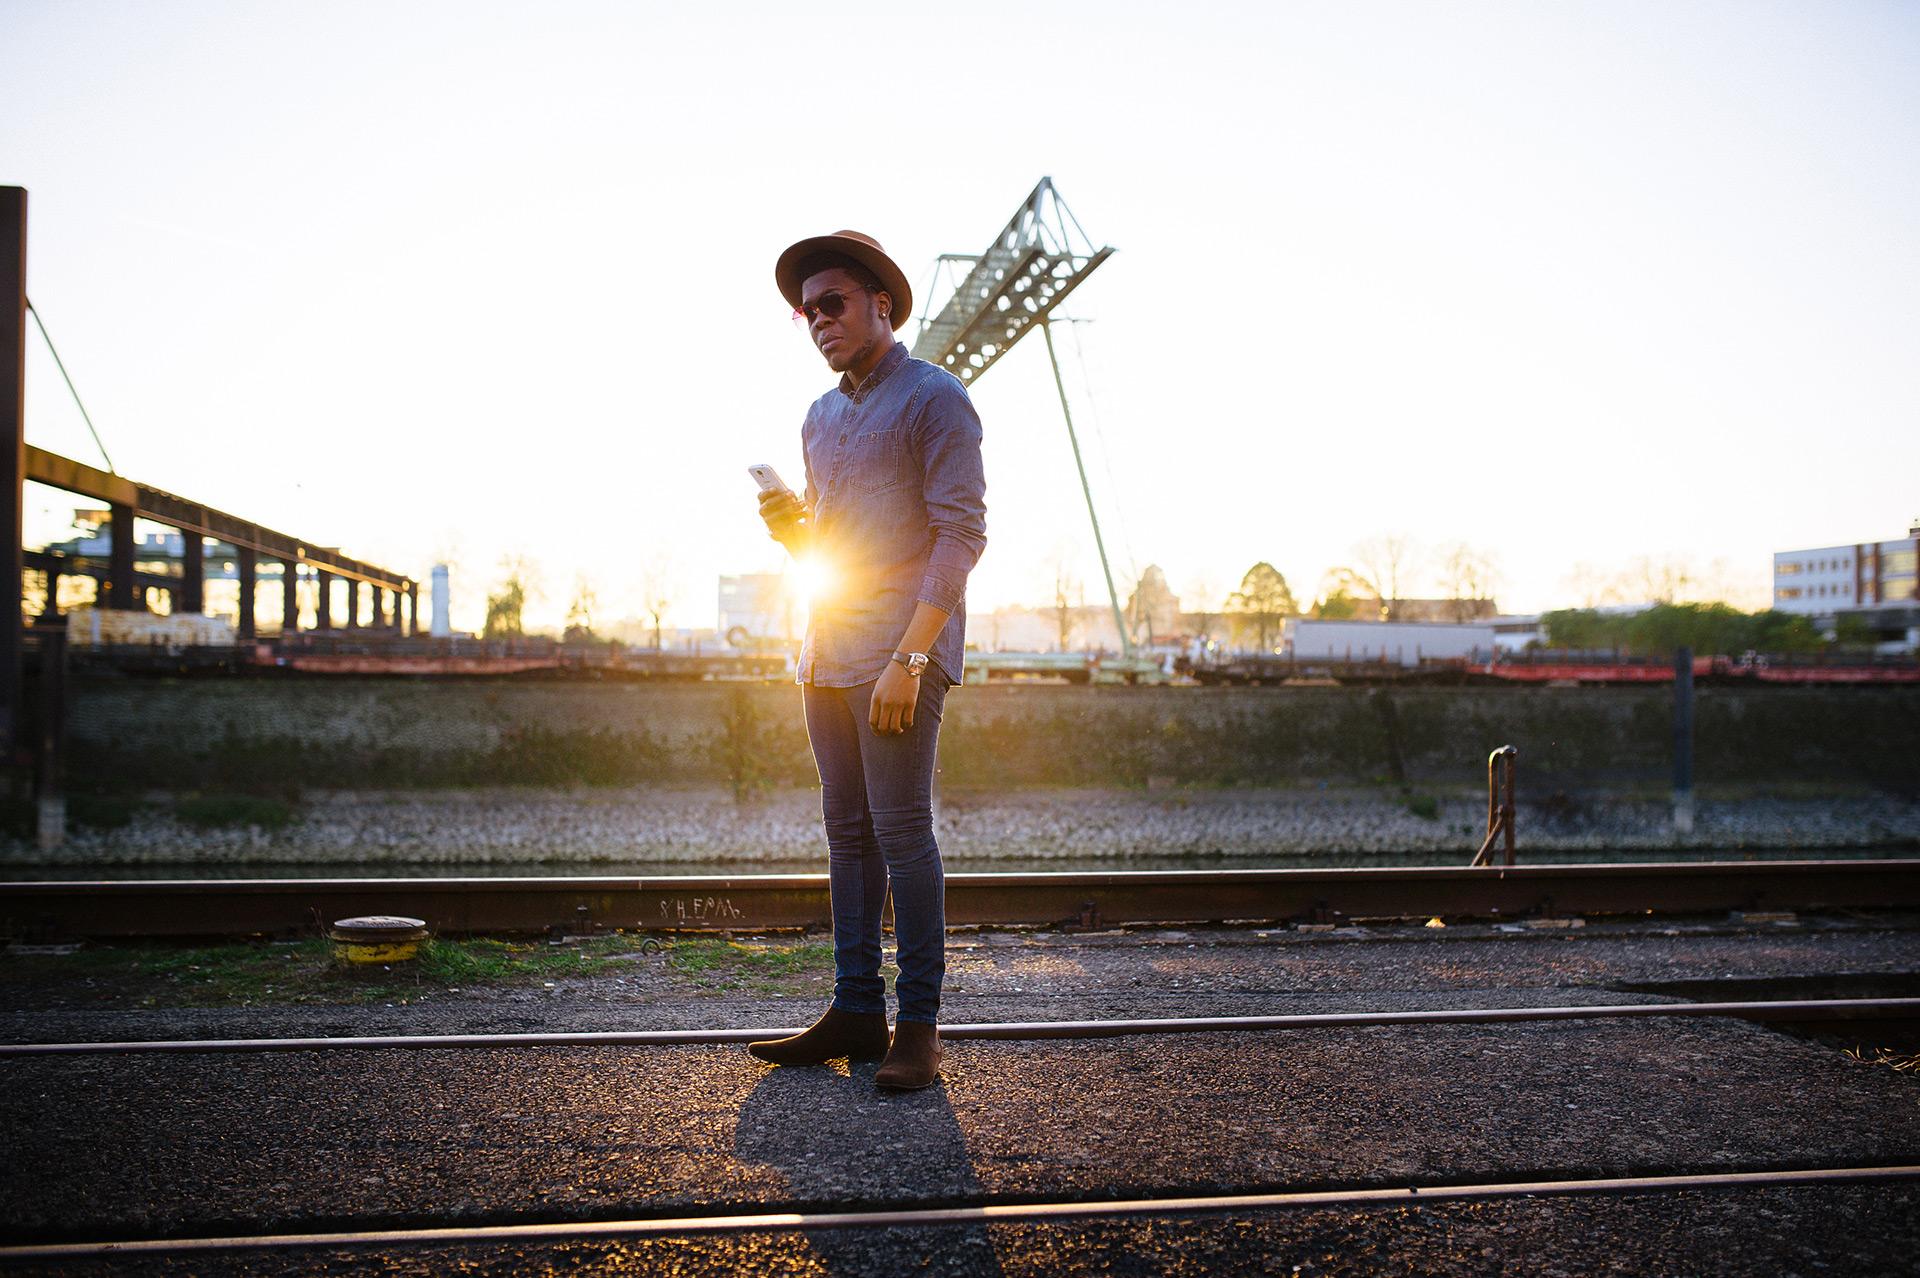 Billy im Sonnenlicht am Hafen